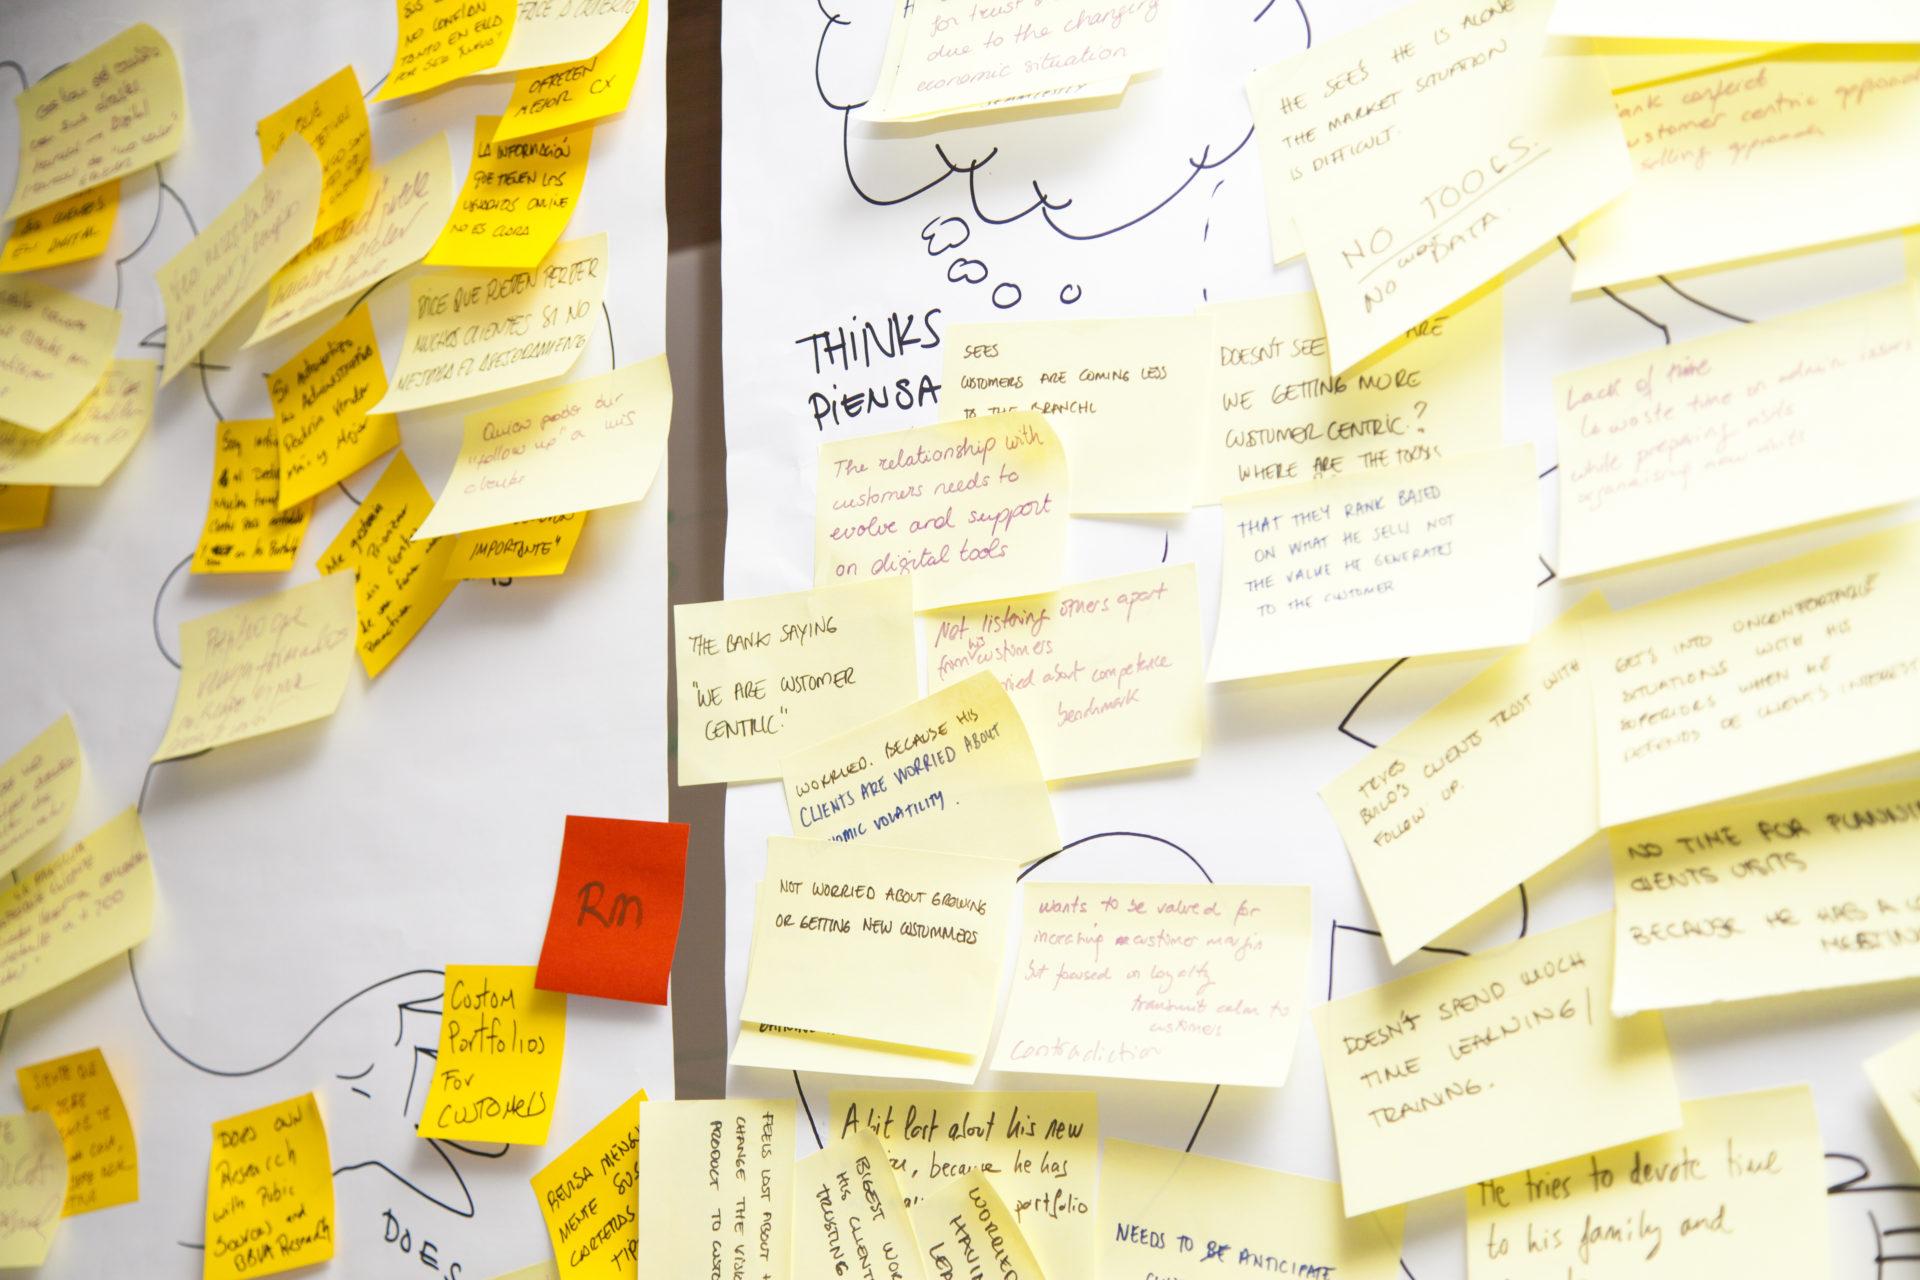 BBVA design thinking